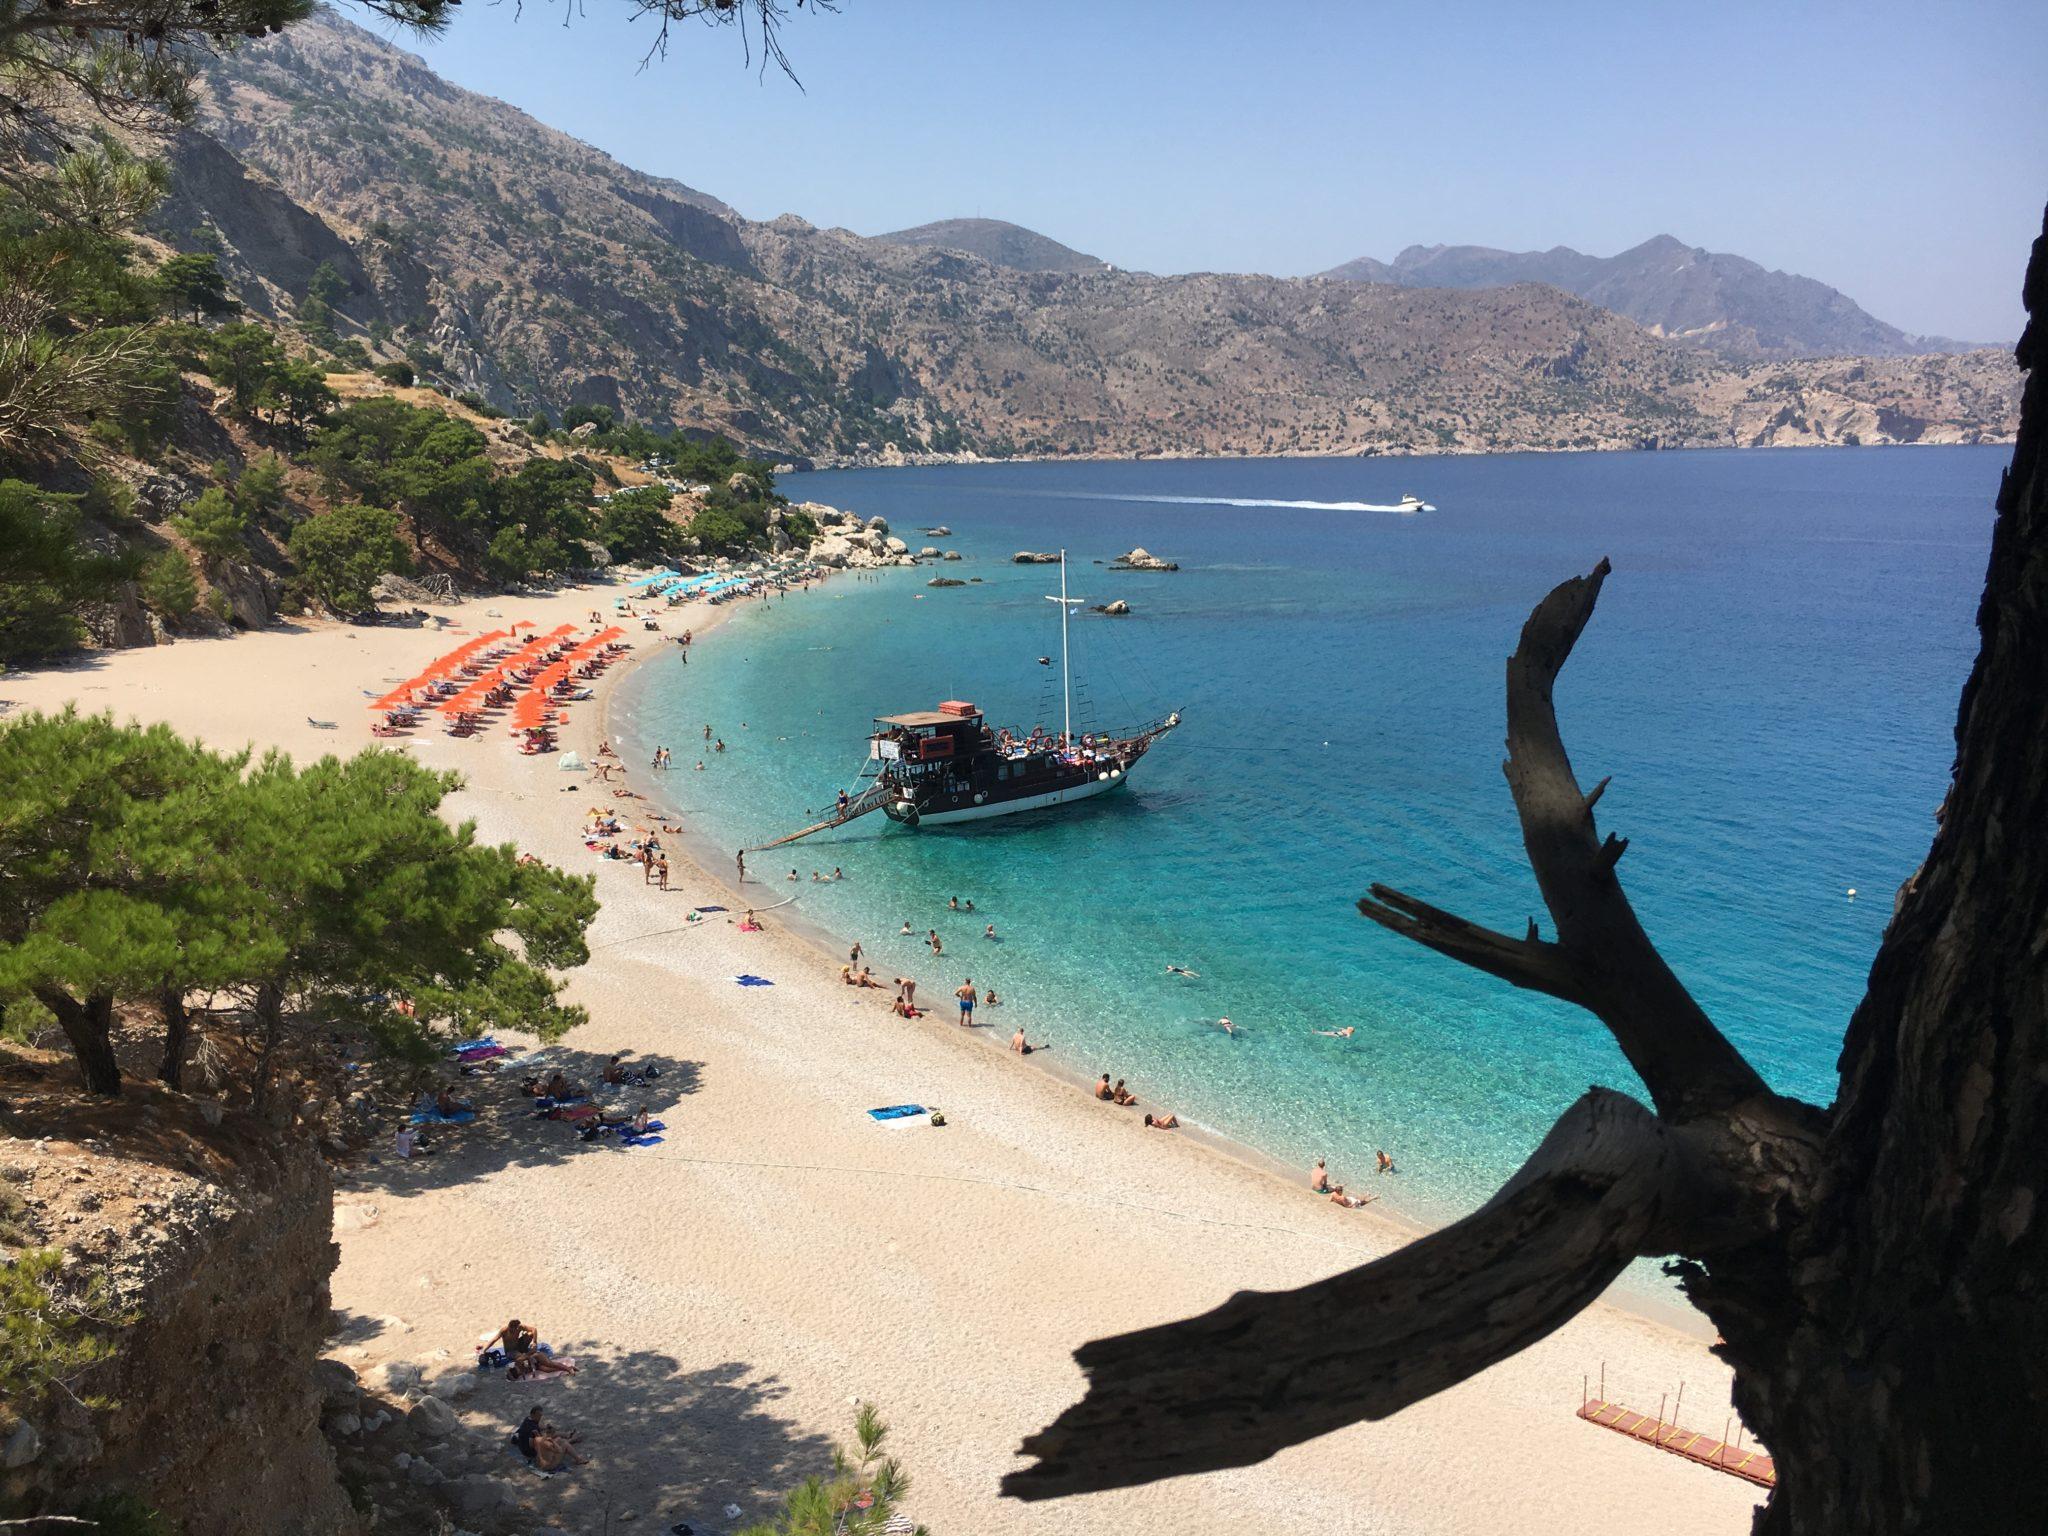 Karpathos, l'isola dell'Egeo per una vacanza lontano dalla folla